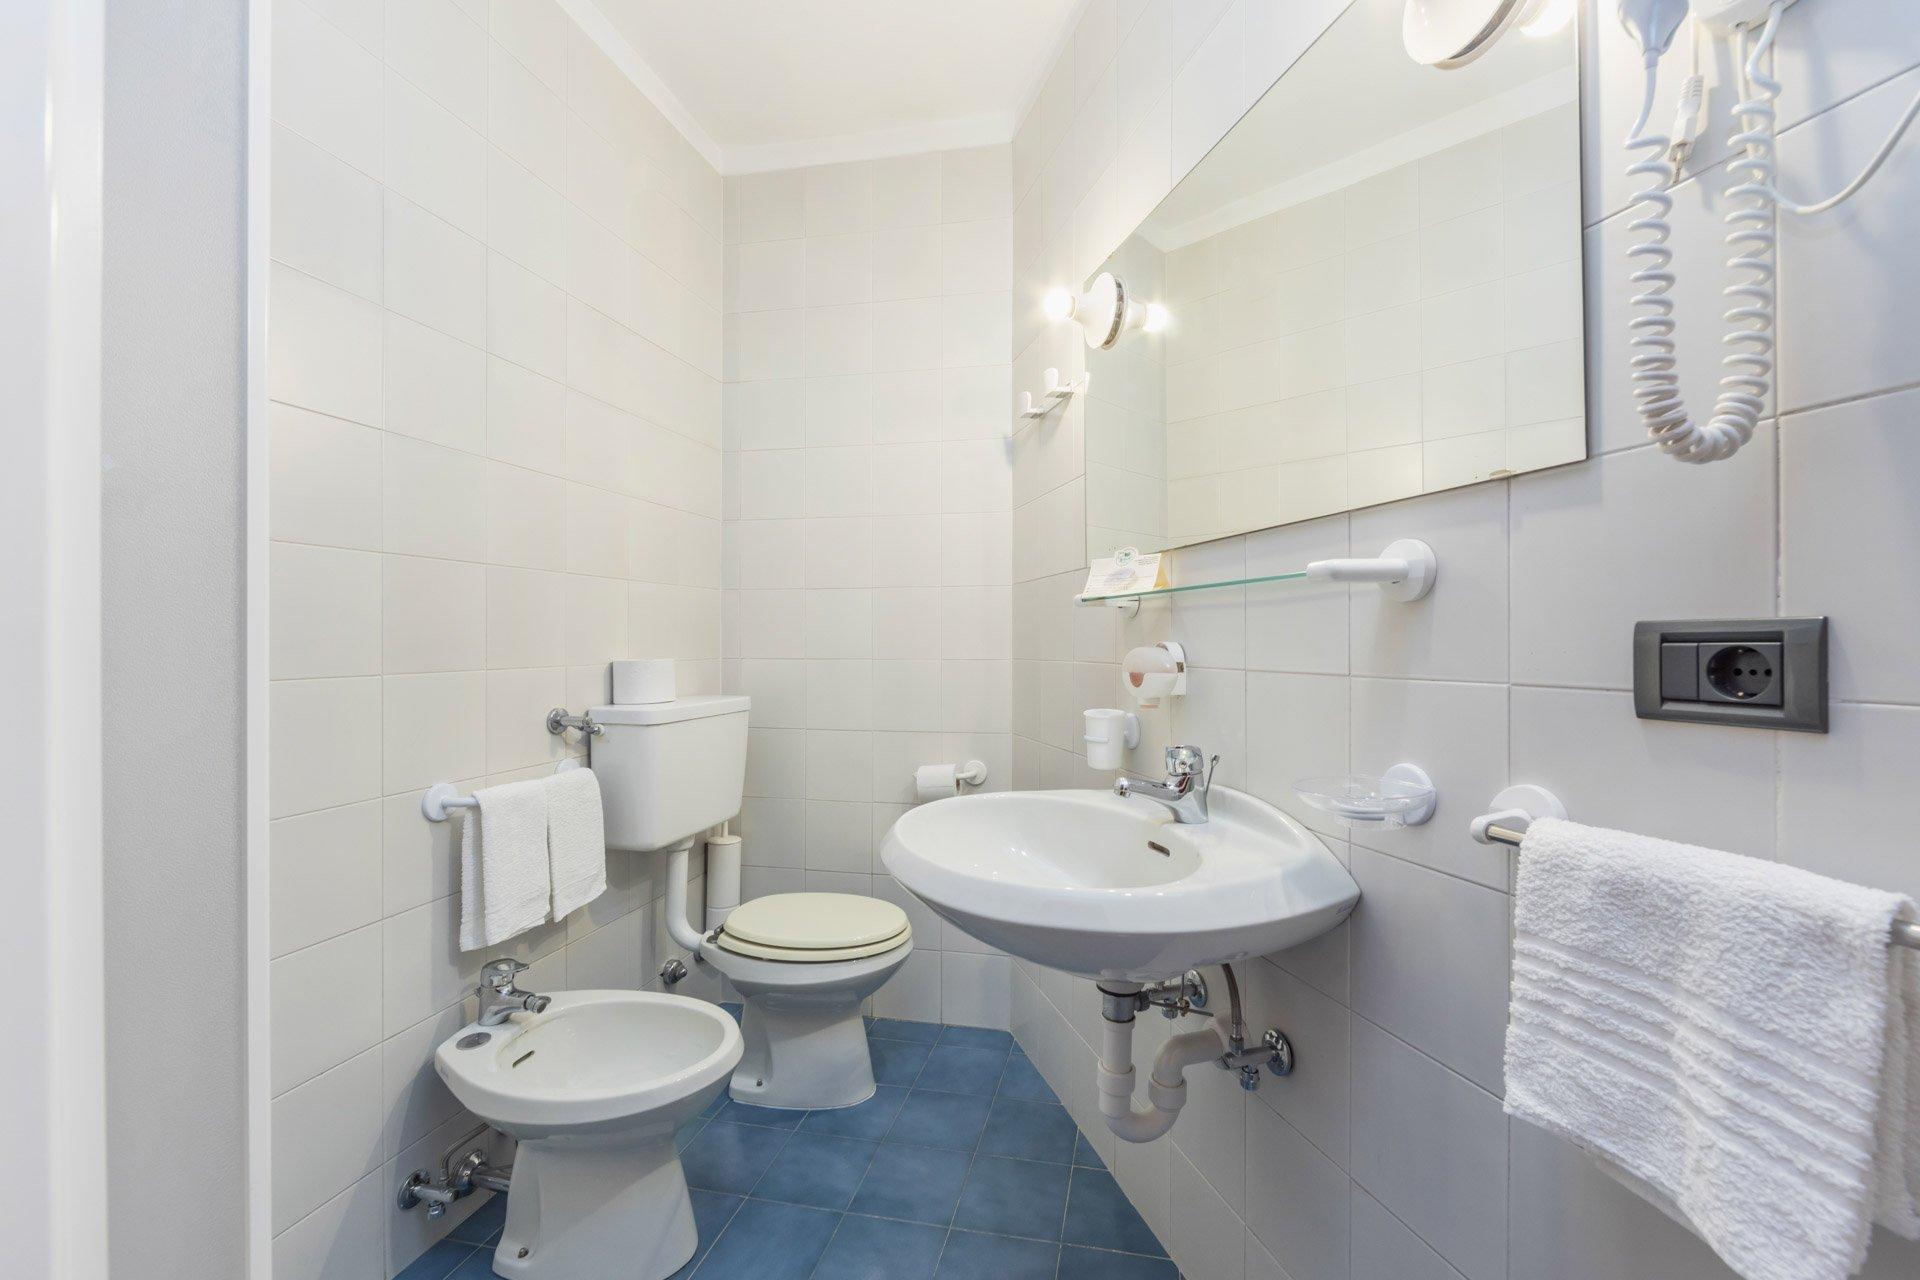 hotel-vicino-molveno-e-terme-di-comano-miravalle-cucina-tipica-con-piscina-121